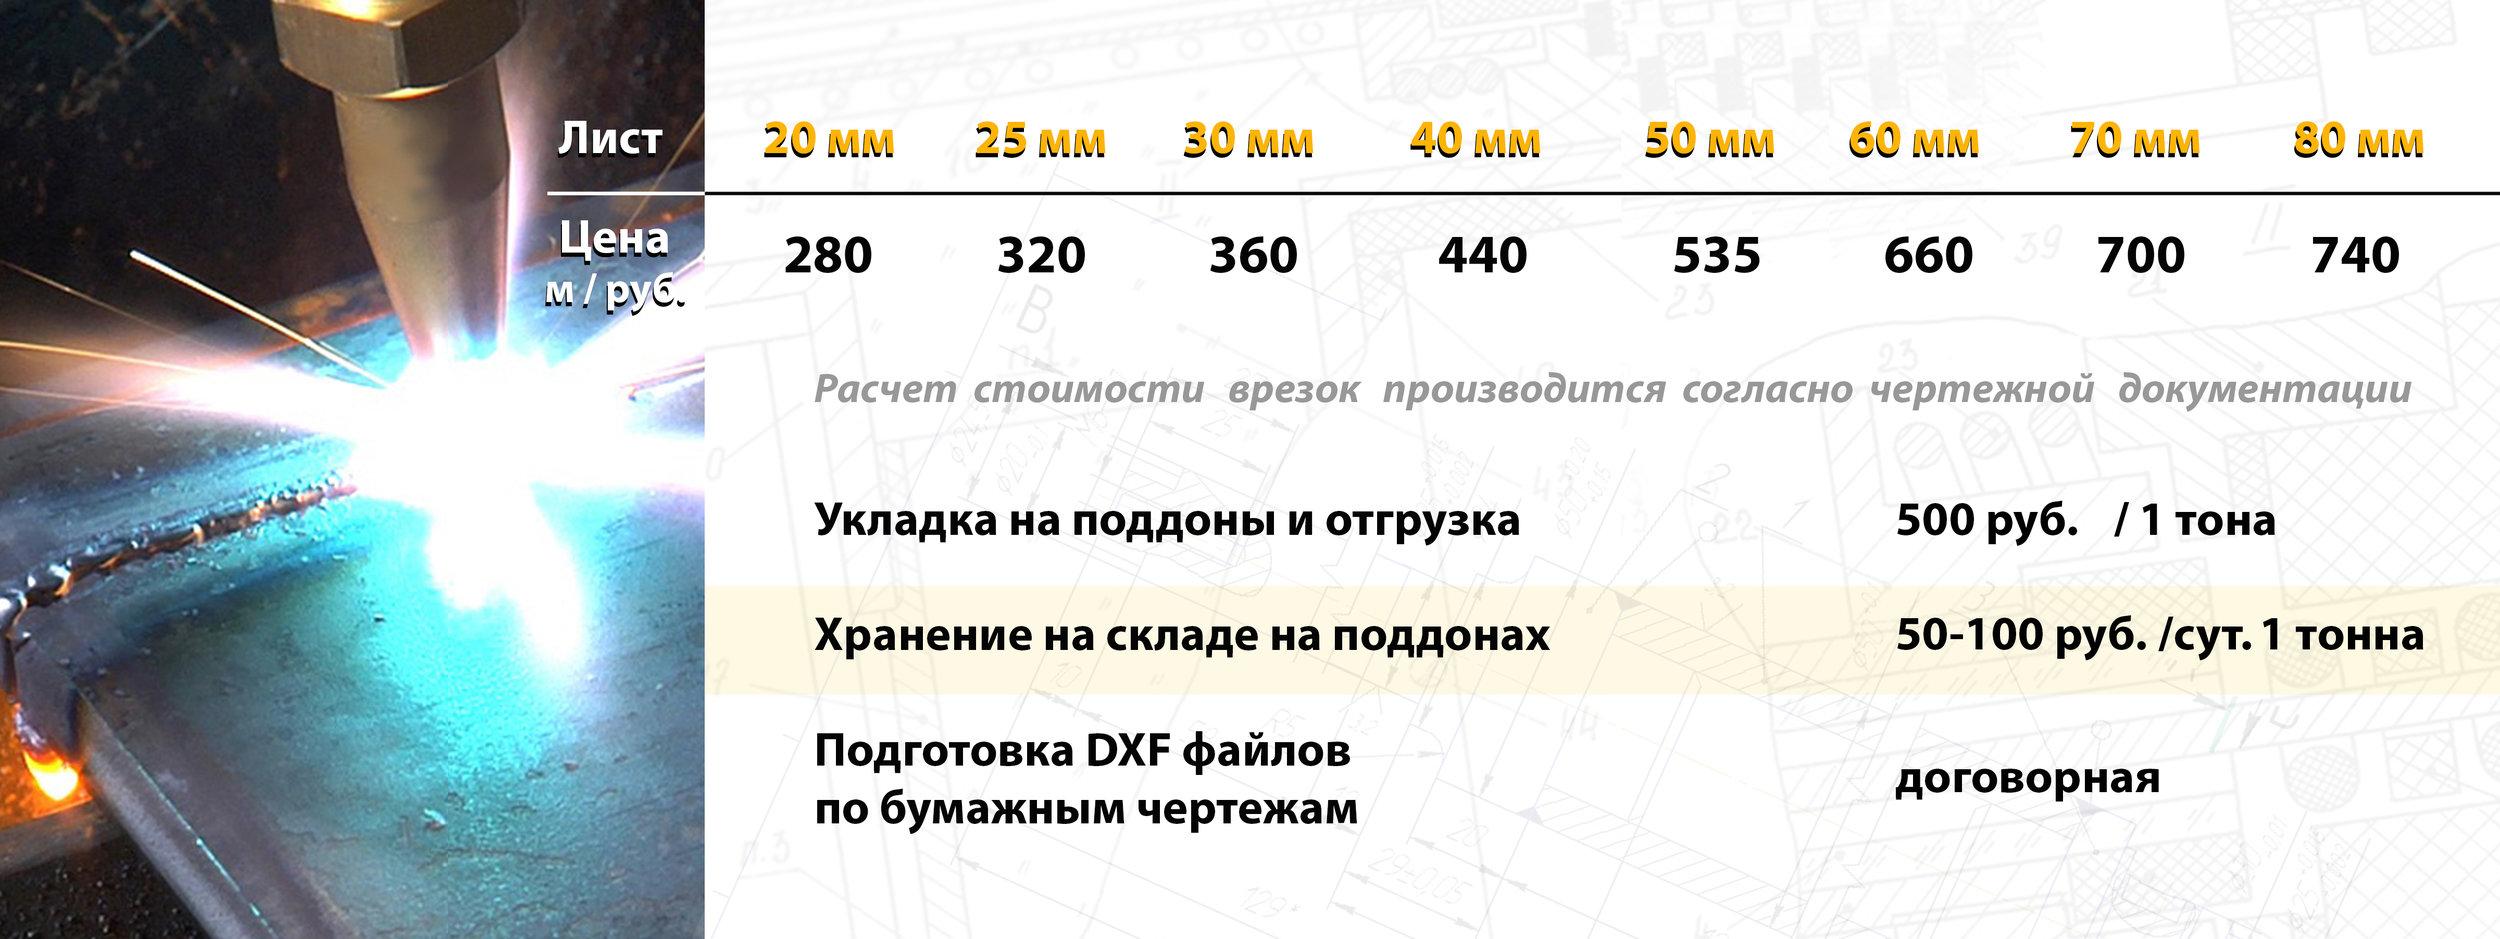 price_uslugi_gas_3.jpg